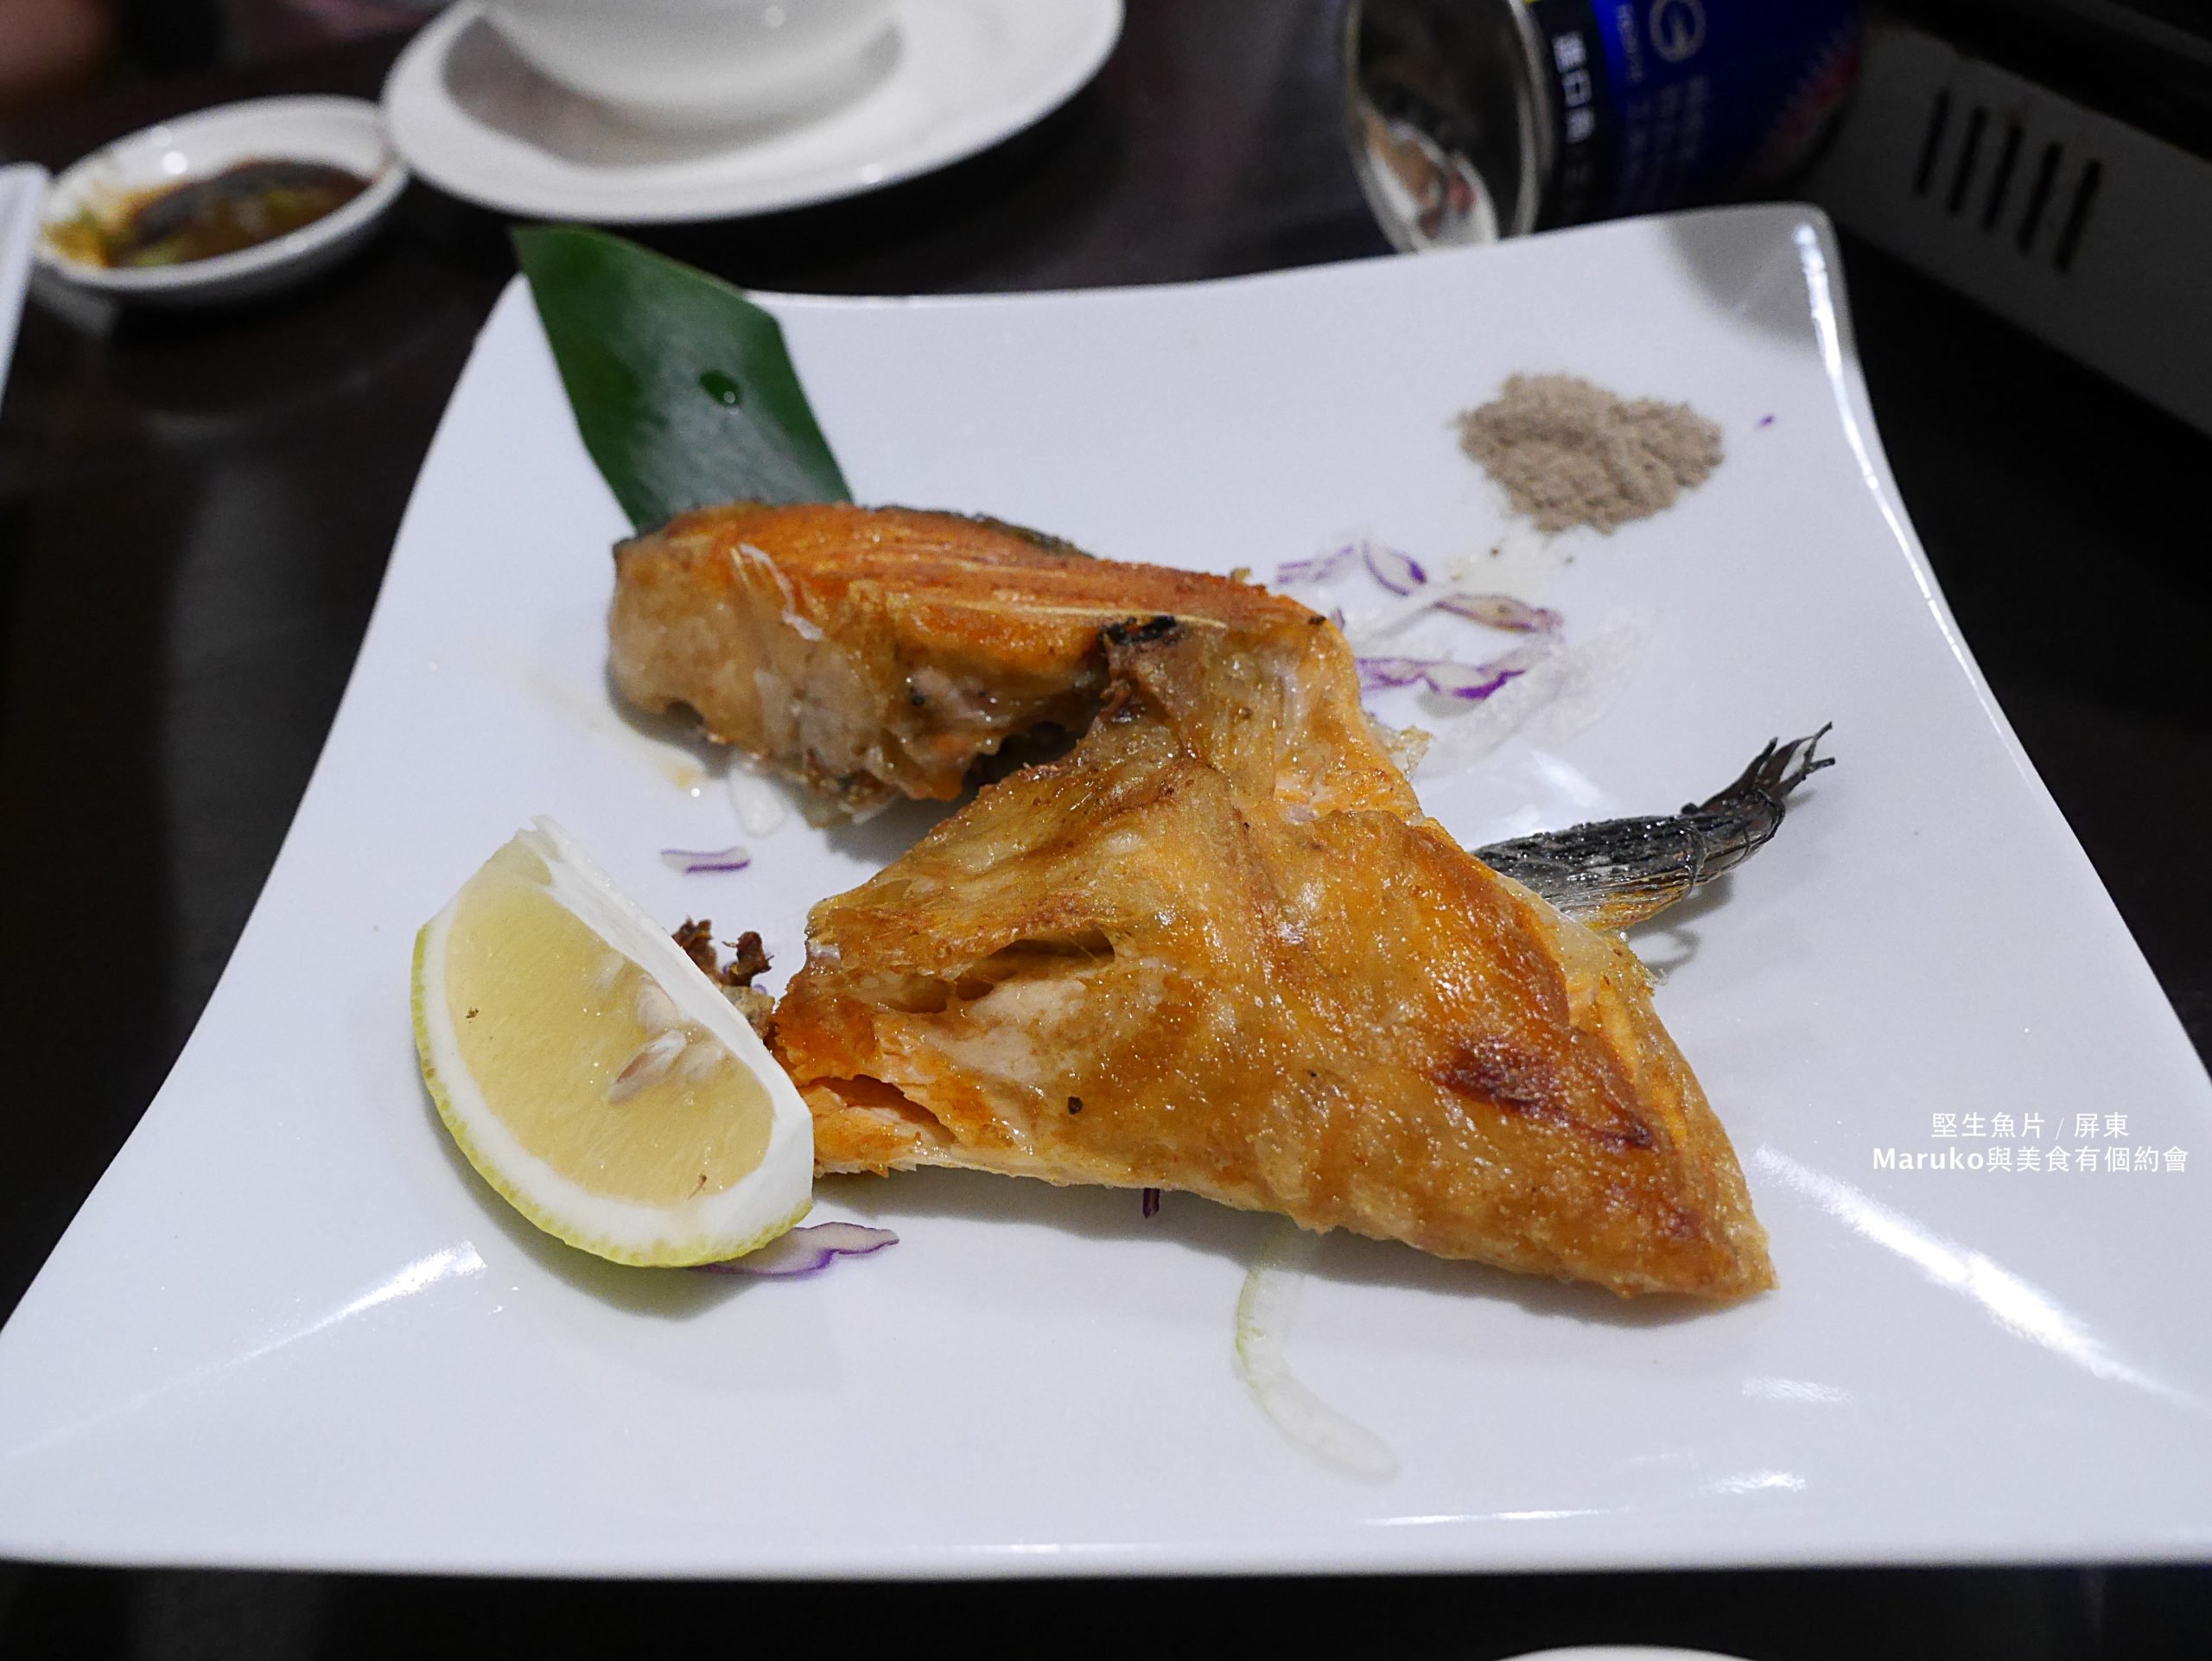 【屏東美食】堅生魚片-現切超厚生魚片無菜單燒烤料理 @Maruko與美食有個約會